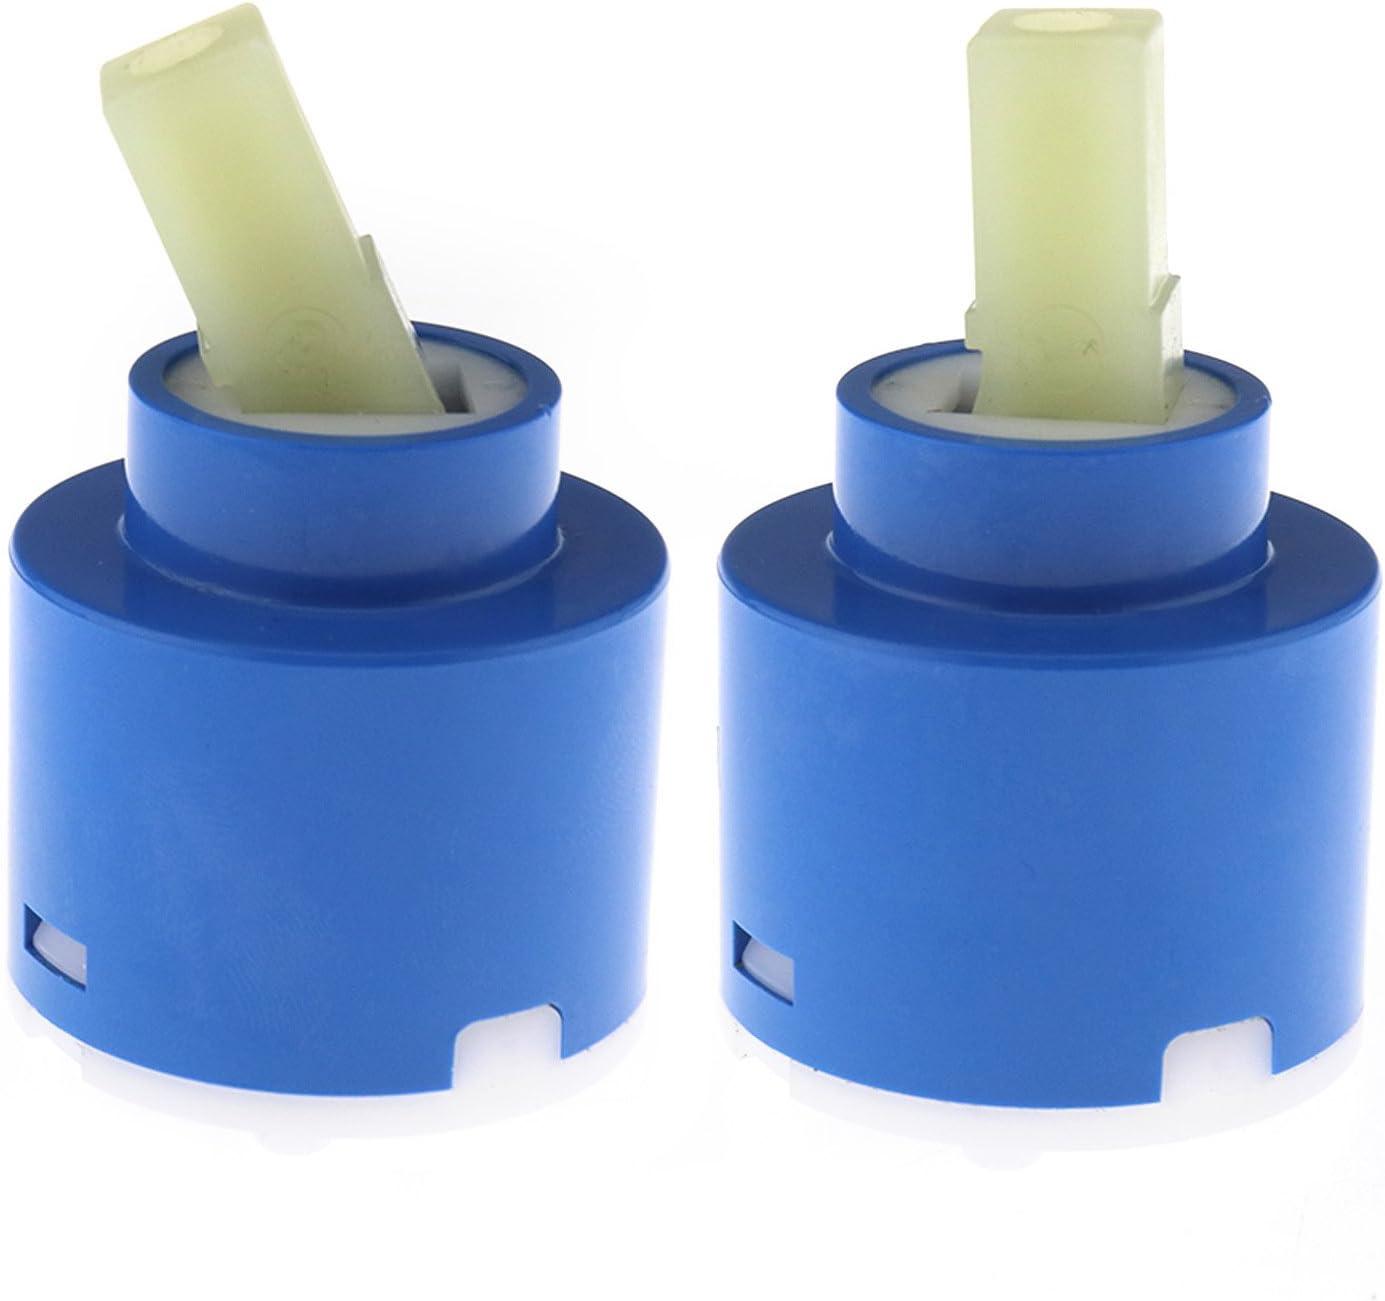 2 cartuchos de cerámica de 40 mm, disco de baño de ducha, palanca, cuarto de baño, cocina, reparación de herramientas